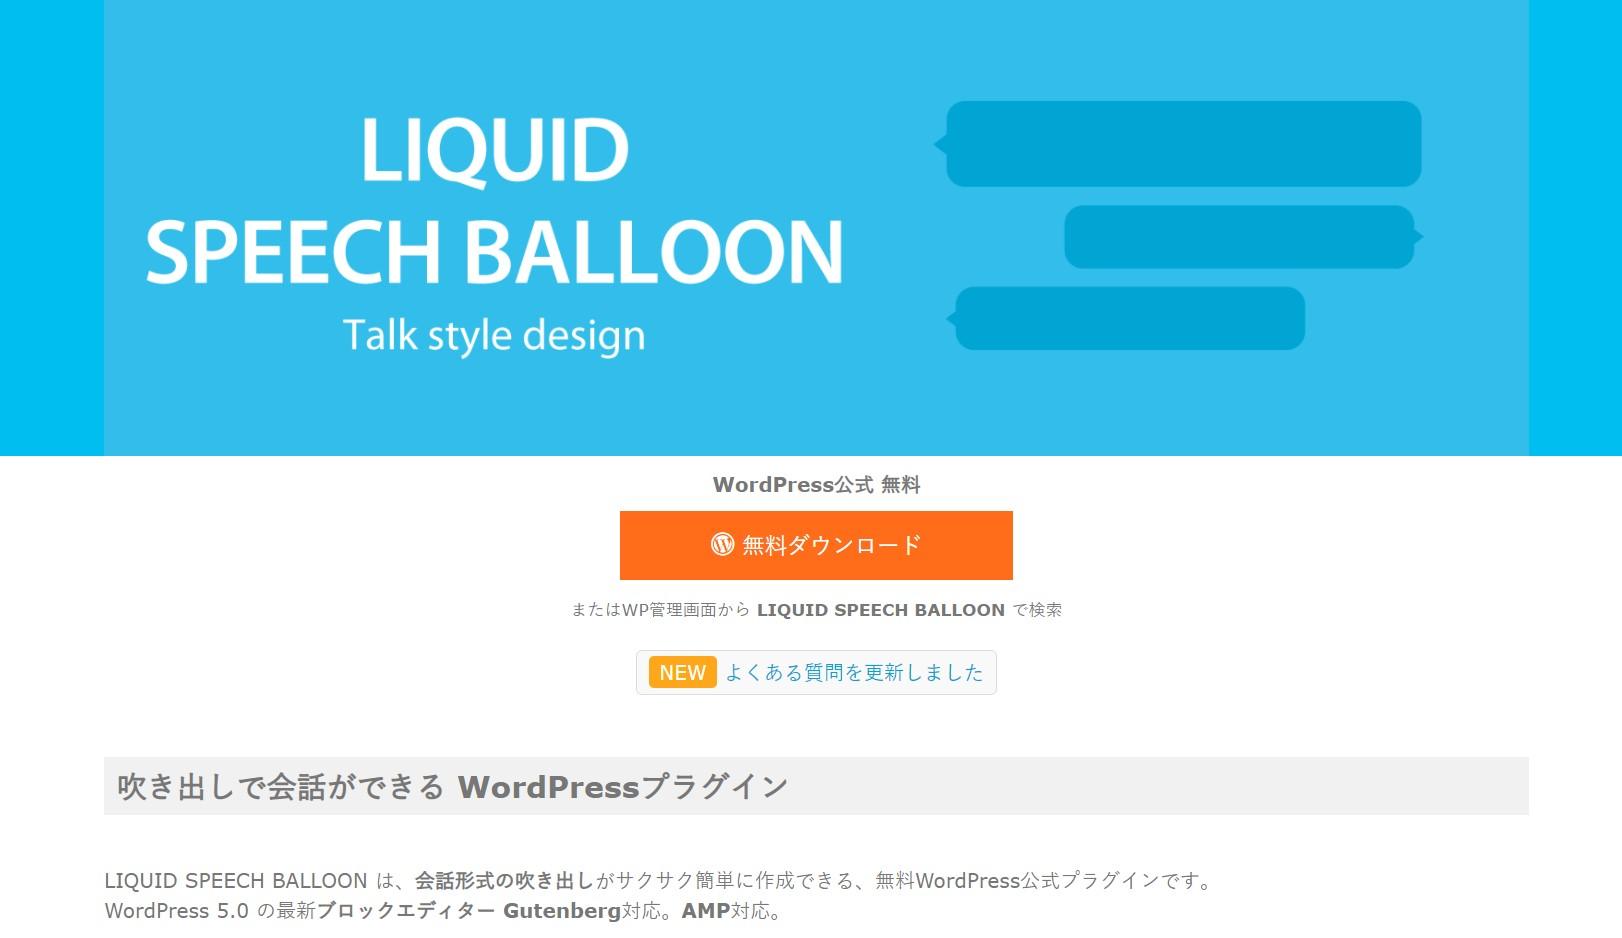 LiquidSpeechBalloon